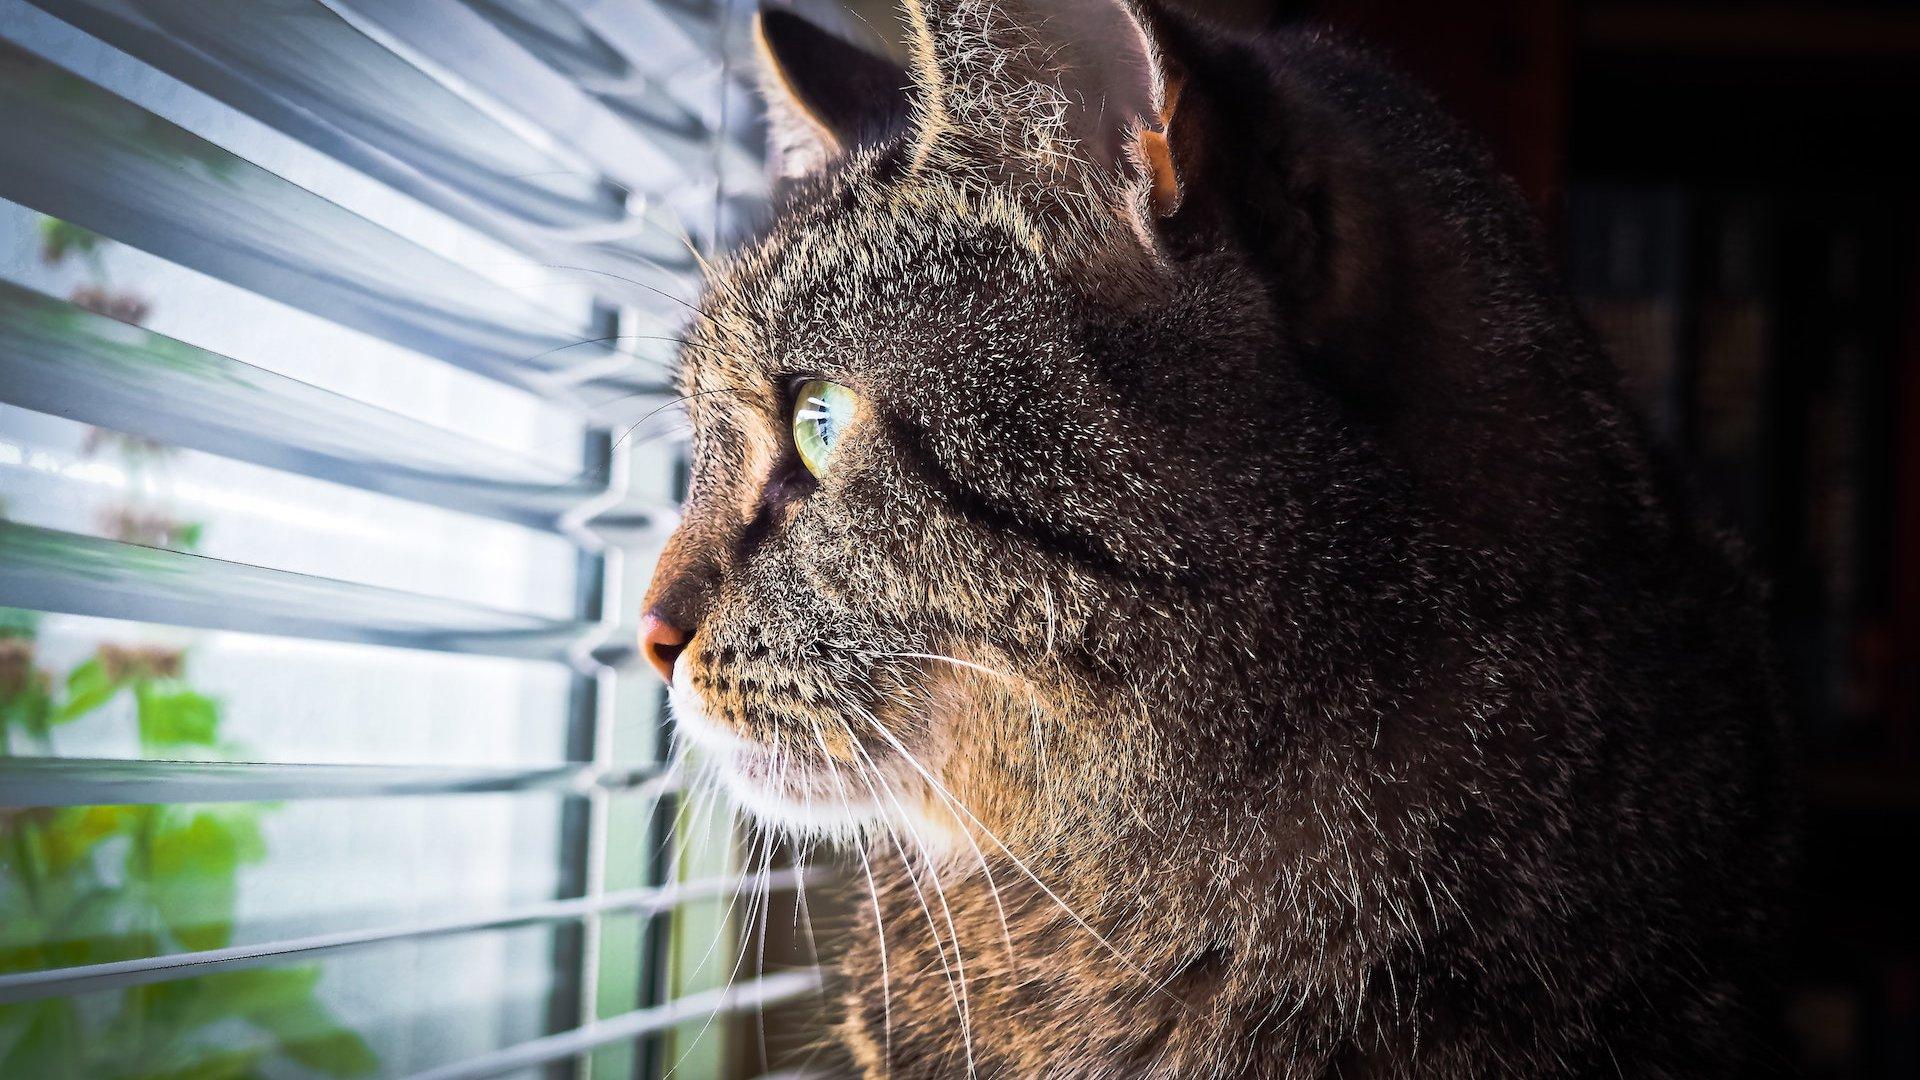 ¿Ventana abierta y gato curioso? ¡¡¡¡¡¡¡CUIDADO!!!!!!!